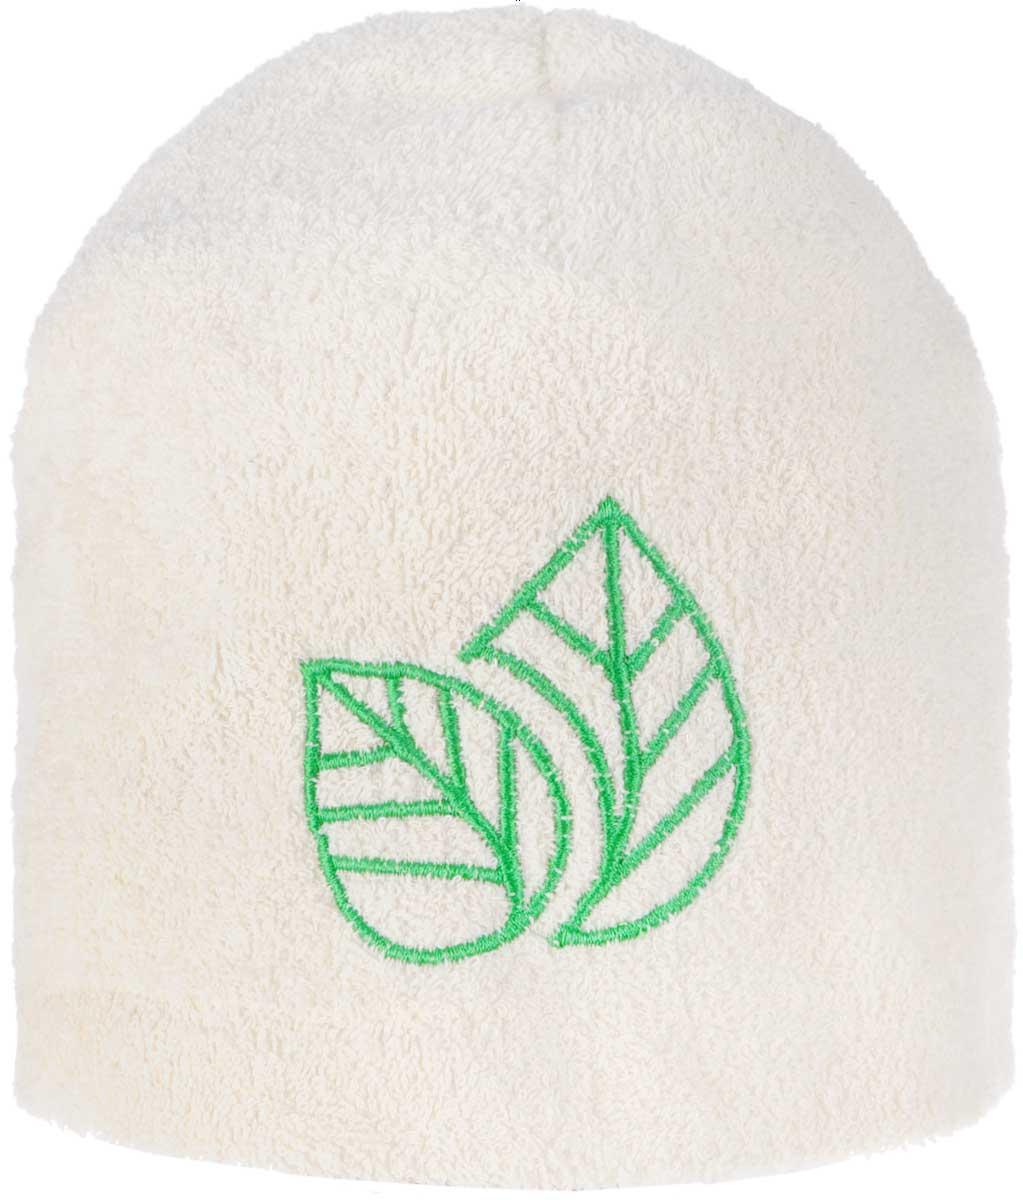 Шапка для бани и сауны Доктор Баня Листок, цвет: белый, зеленый42002Шапка для бани и сауны Доктор Баня Листок, изготовленная из войлока (100% шерсть), станет незаменимым аксессуаром для любителей попариться в русской бане и для тех, кто предпочитает сухой жар финской бани. Шапка оформлена оригинальным и ярким принтом.Шапка защитит от головокружения в бане и перегрева головы, а также предотвратит ломкость волос.Такая шапка станет отличным подарком для любителей отдыха в бане или сауне. Высота шапки: 26 см.Диаметр основания: 31 см.